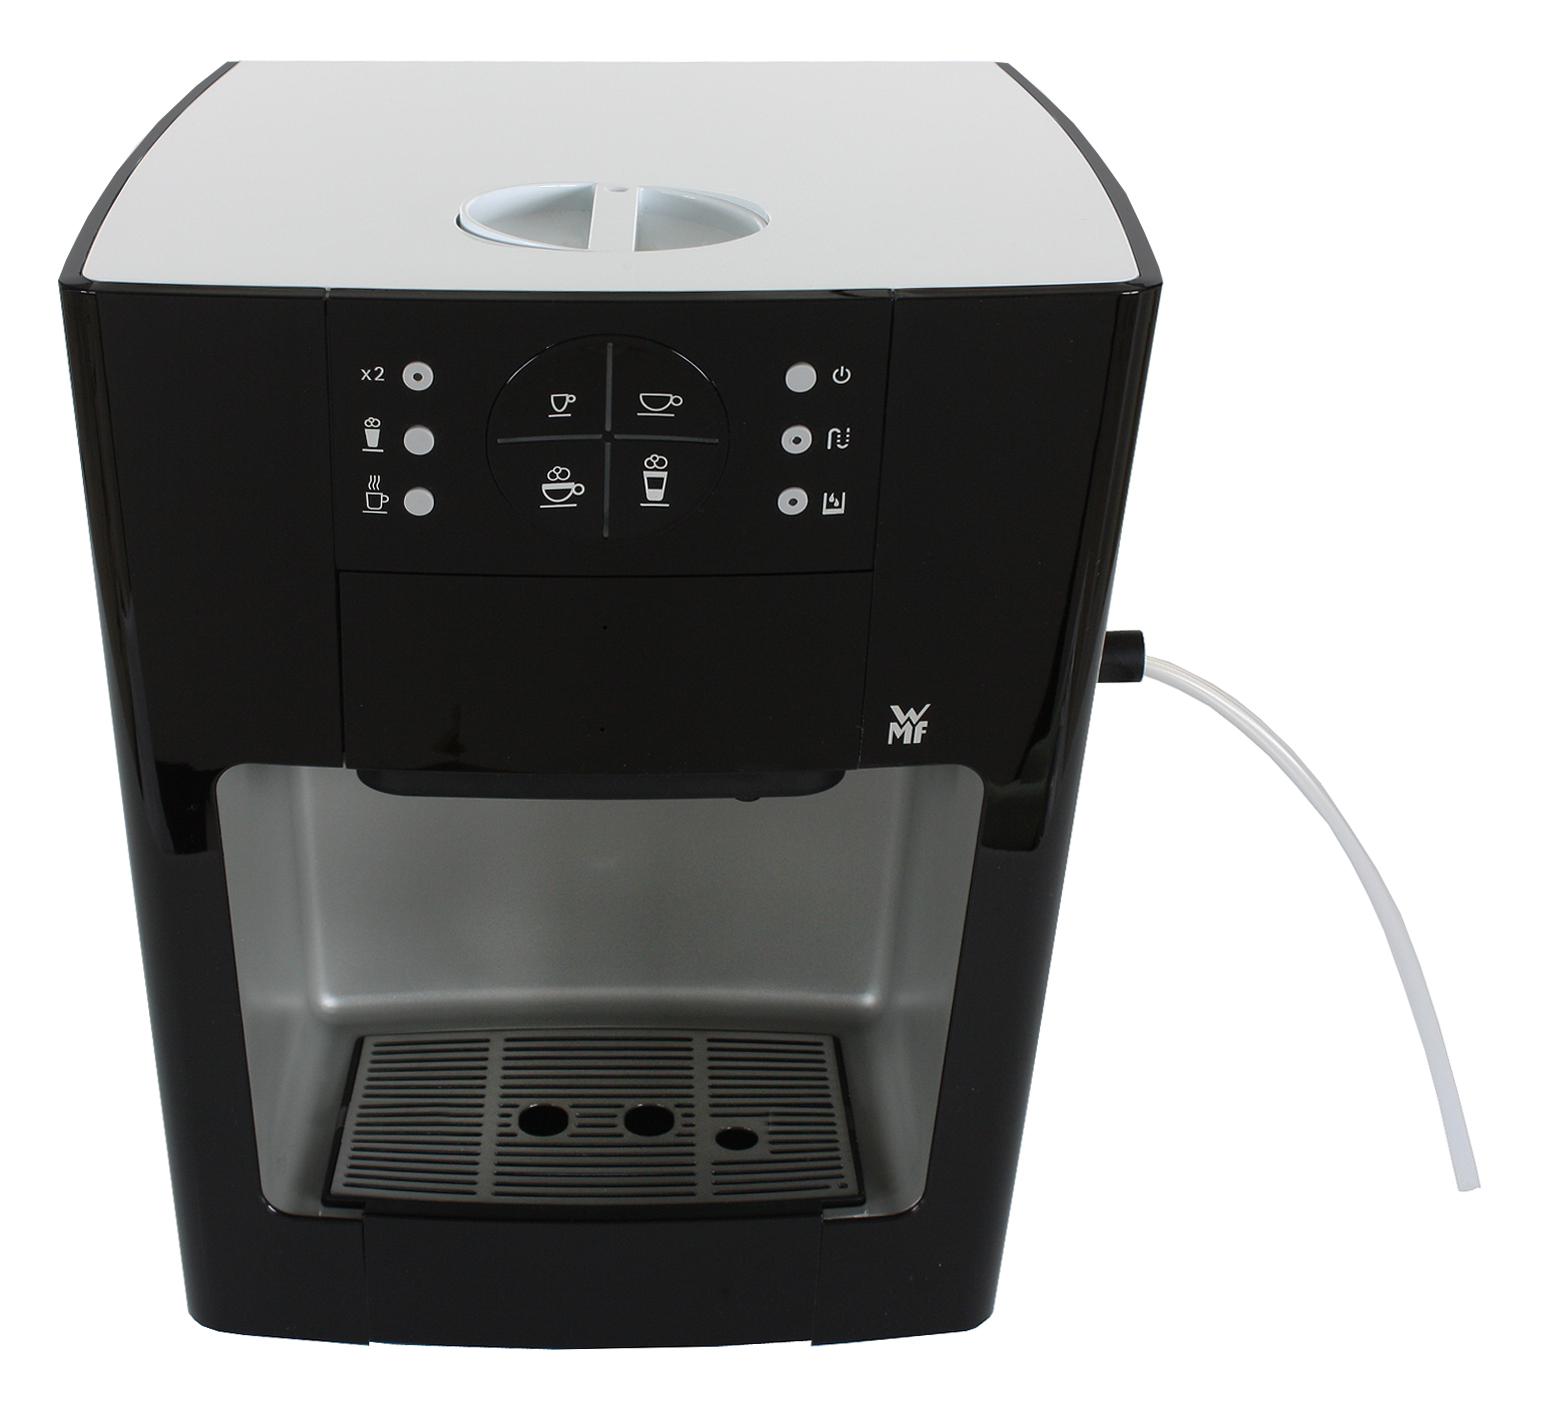 die produktbilder datenbank f r haushalt werkzeug unterhaltungselektronik tv computer. Black Bedroom Furniture Sets. Home Design Ideas